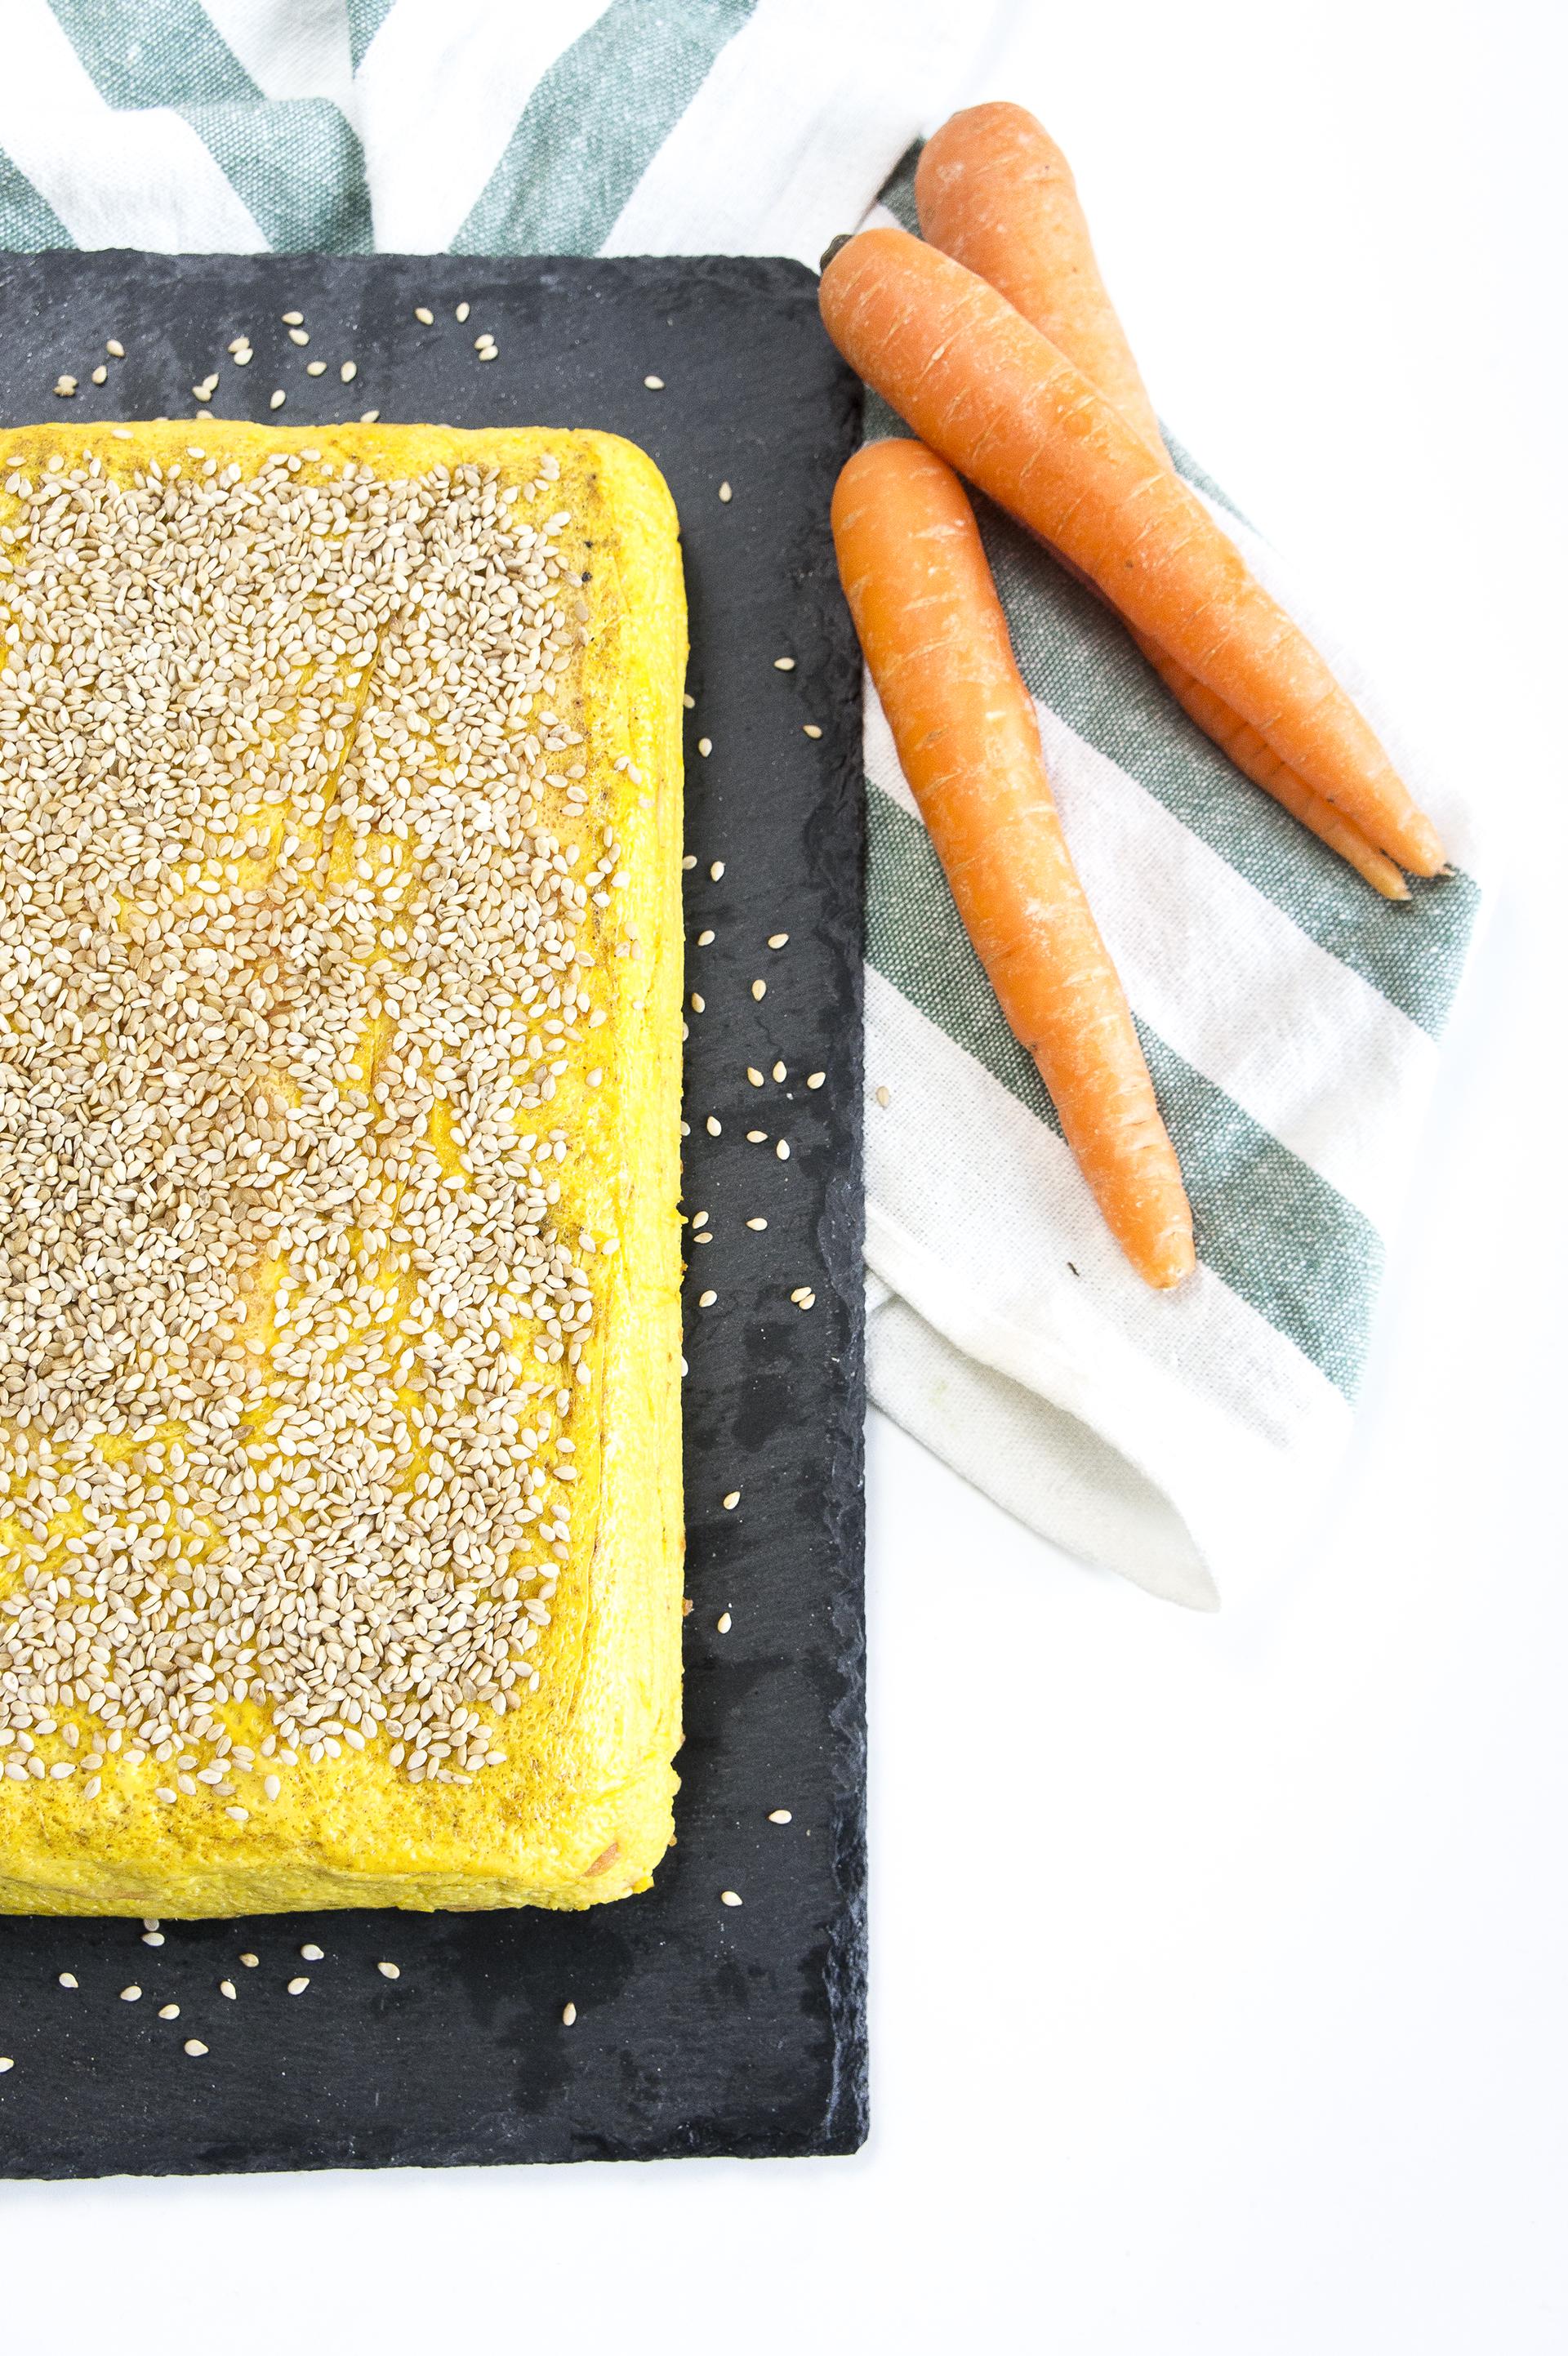 la-terrina-di-carote